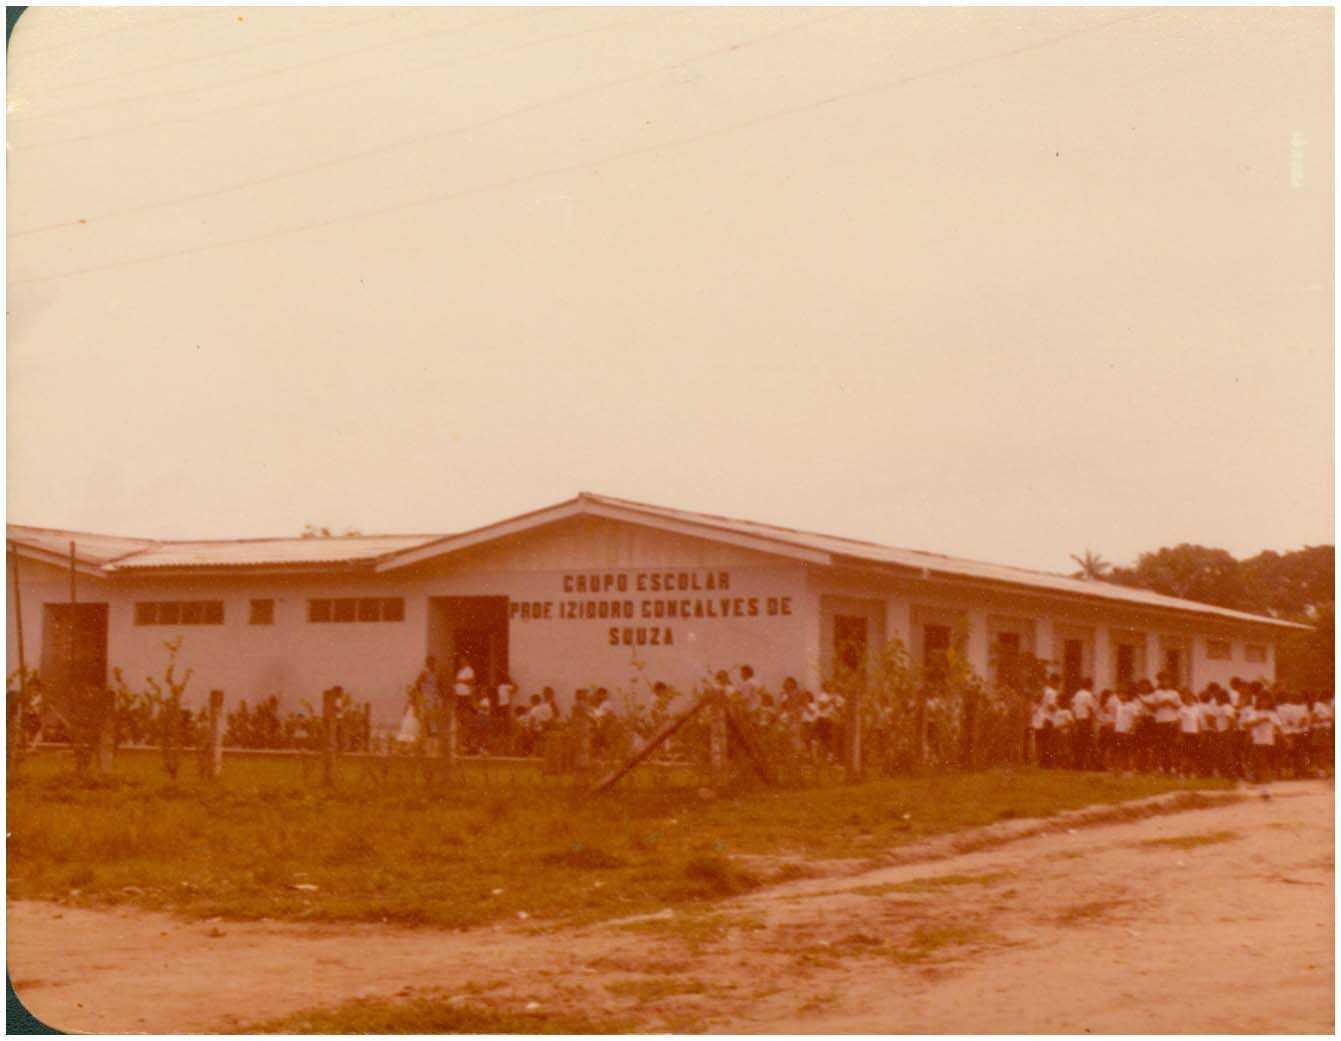 Grupo Escolar Professor Isidoro Gonçalves de Souza : Tefé, AM - [198-?] / Foto : IBGE